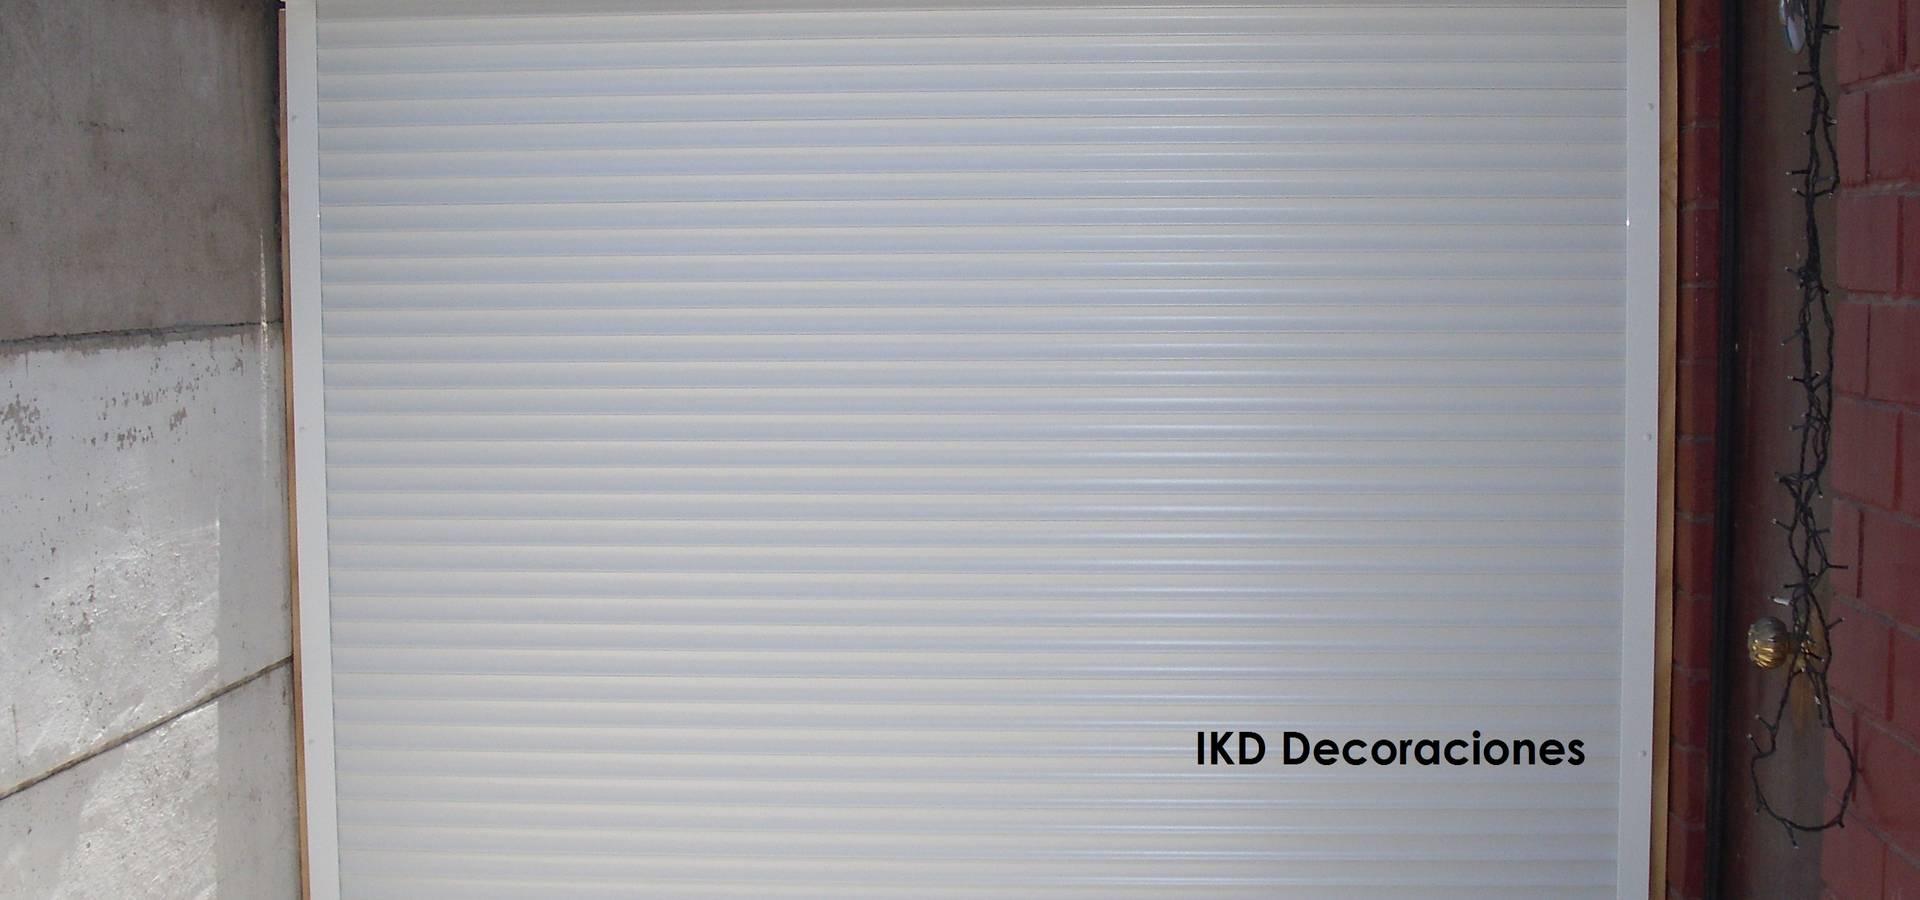 IKD Decoraciones